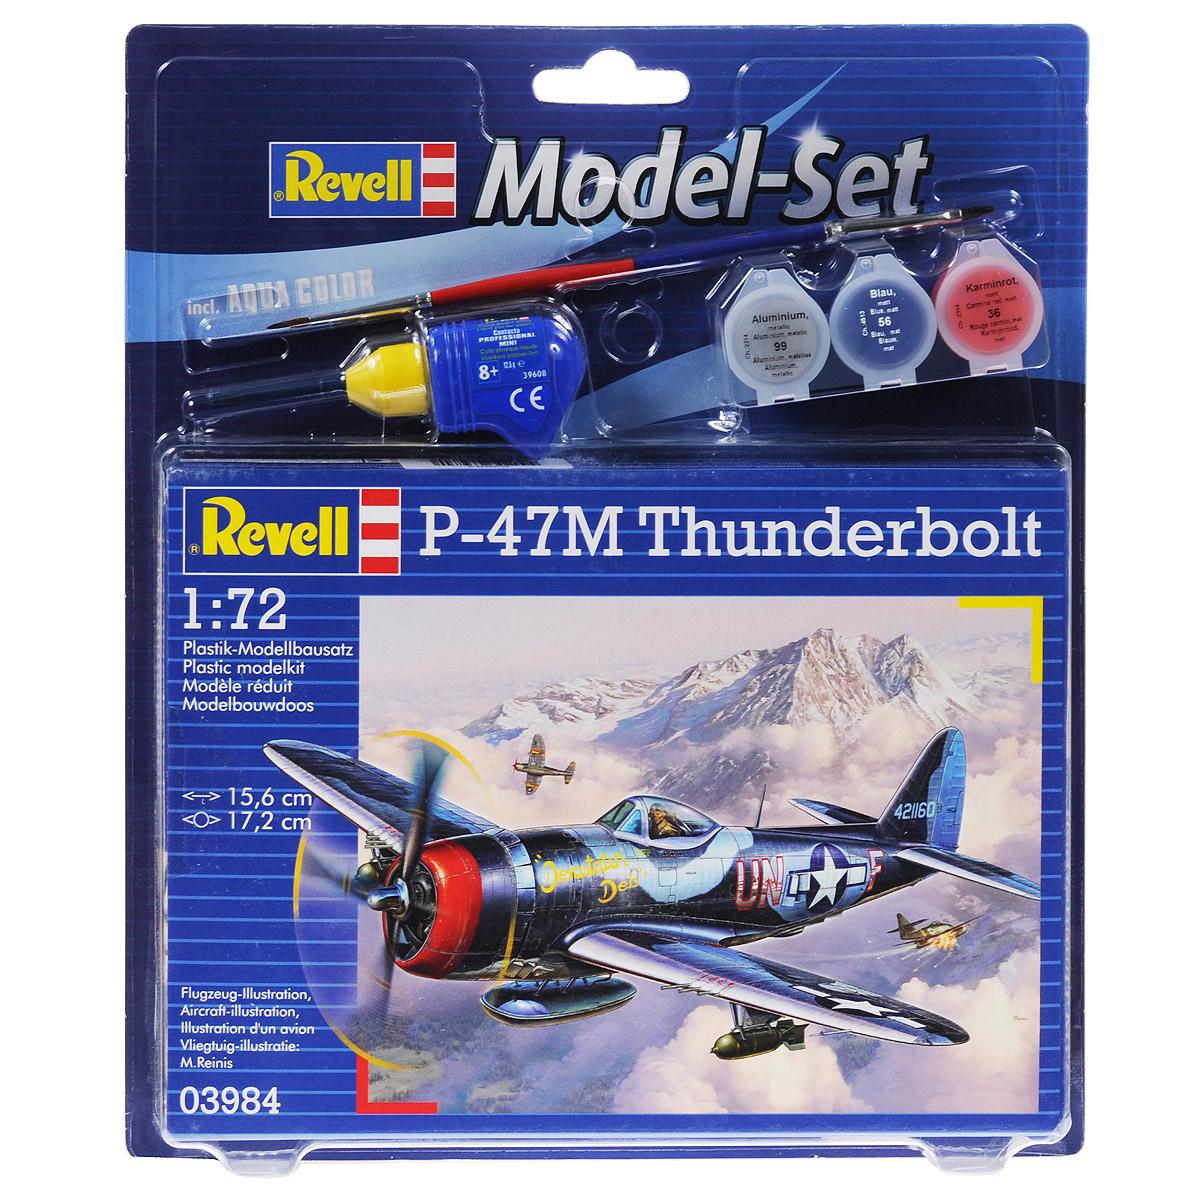 Набор для сборки и раскрашивания модели Revell Самолет P-47M Thunderbolt63984Набор для сборки и раскрашивания модели Revell Самолет P-47M Thunderbolt поможет вам и вашему ребенку придумать увлекательное занятие на долгое время. P-47 Thunderbolt - американский истребитель-бомбардировщик времен Второй Мировой. Являлся одним из основных истребителей ВВС. Поставлялся в СССР. Всего было поставлено 203 машины. Все они использовались в частях ПВО для защиты городов от налета вражеских бомбардировщиков. Набор включает в себя 67 пластиковых элементов для сборки модели, краски 3 цветов (алюминиевый металлик 99, матовый синий 56, матовый карминовый красный 36), клей, двустороннюю кисточку и схематичную инструкцию по сборке. Благодаря набору ваш ребенок научится различать цвета, творчески решать поставленные задачи, разовьет интеллектуальные и инструментальные способности, воображение, конструктивное мышление, внимание, терпение и кругозор. Уровень сложности: 3.